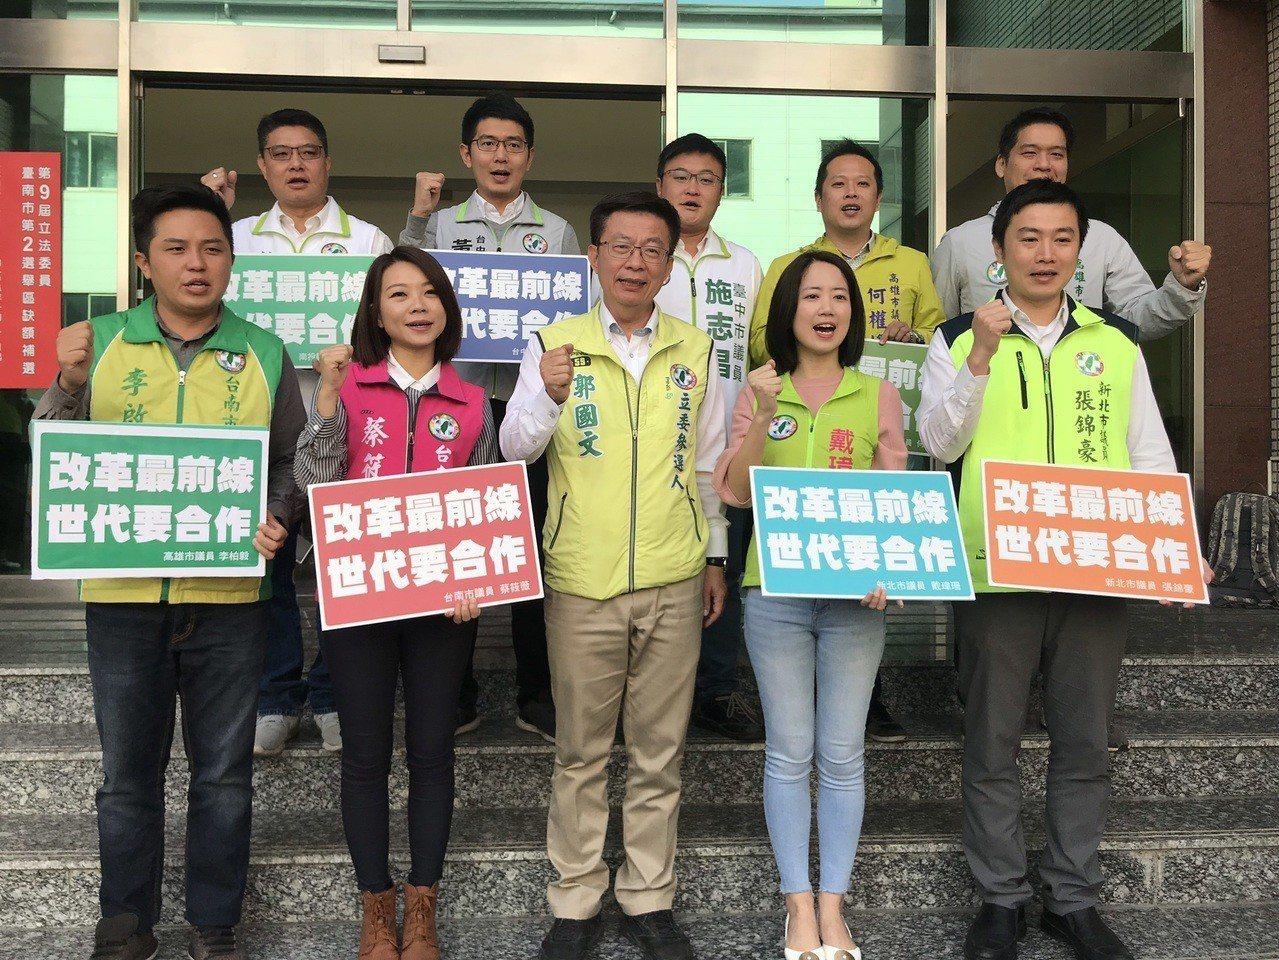 台南市立委補選參選人郭國文(前排中)表示,選區這麼大,很難面面俱到只能盡力而為。...